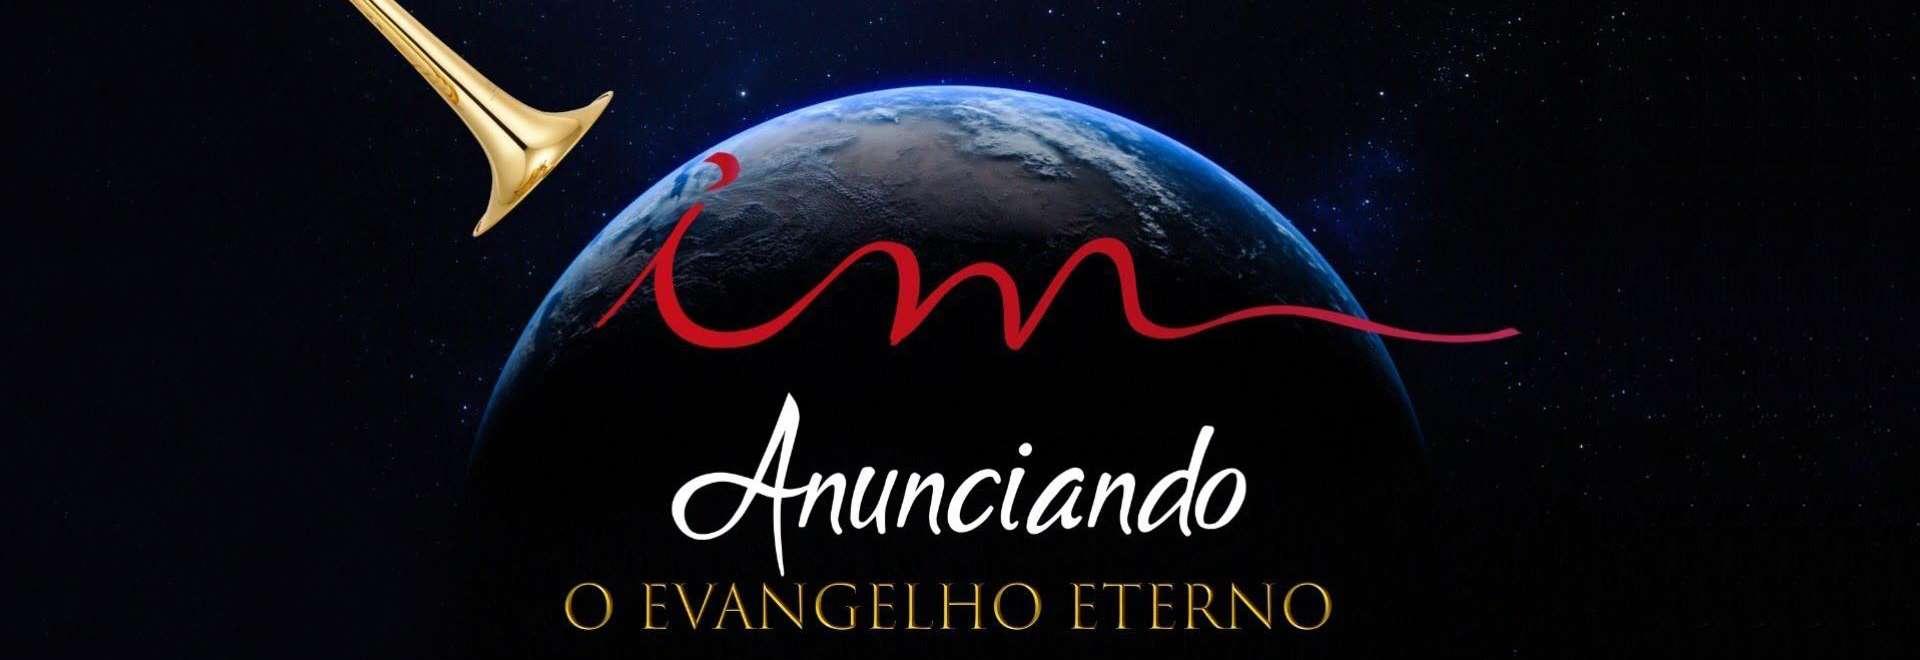 Lista de cidades brasileiras alcançadas pelo programa de TV Anunciando o Evangelho Eterno